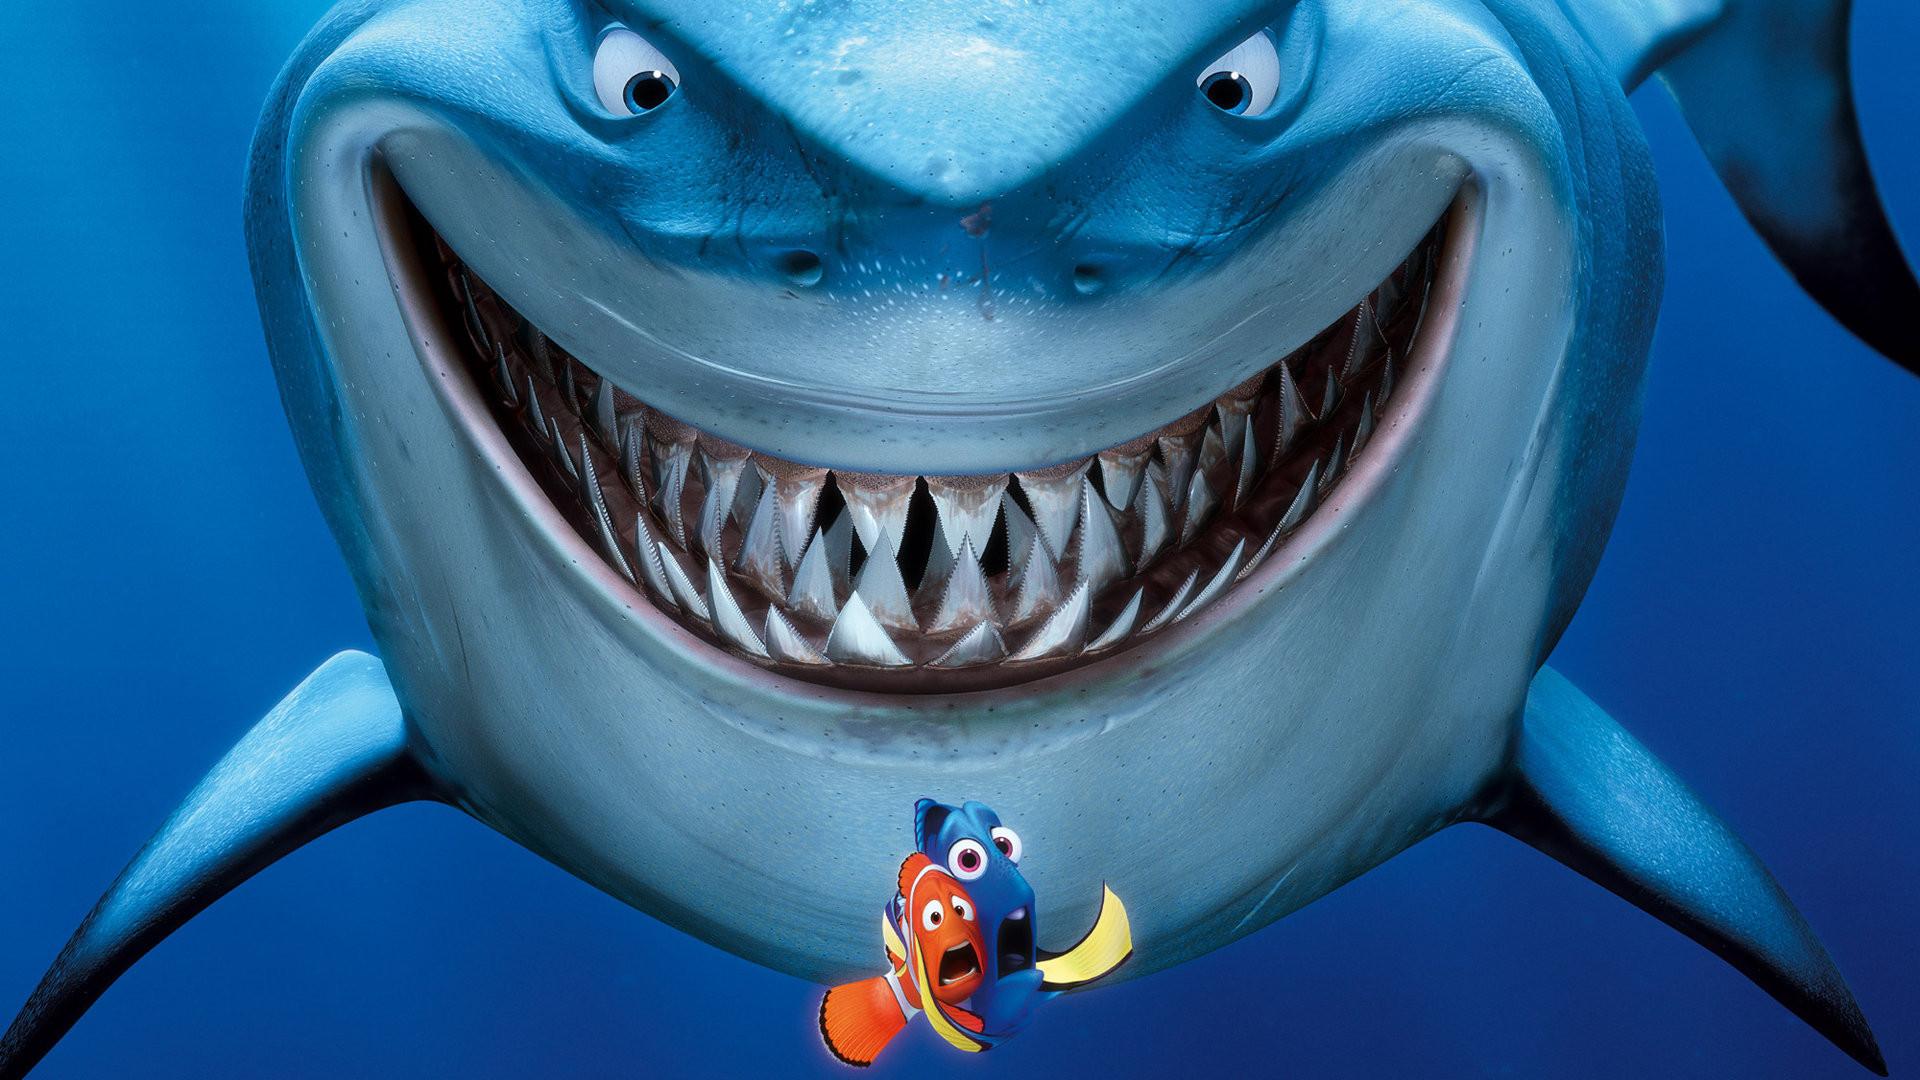 осьминог Хэнк рыбка  № 3942251 загрузить